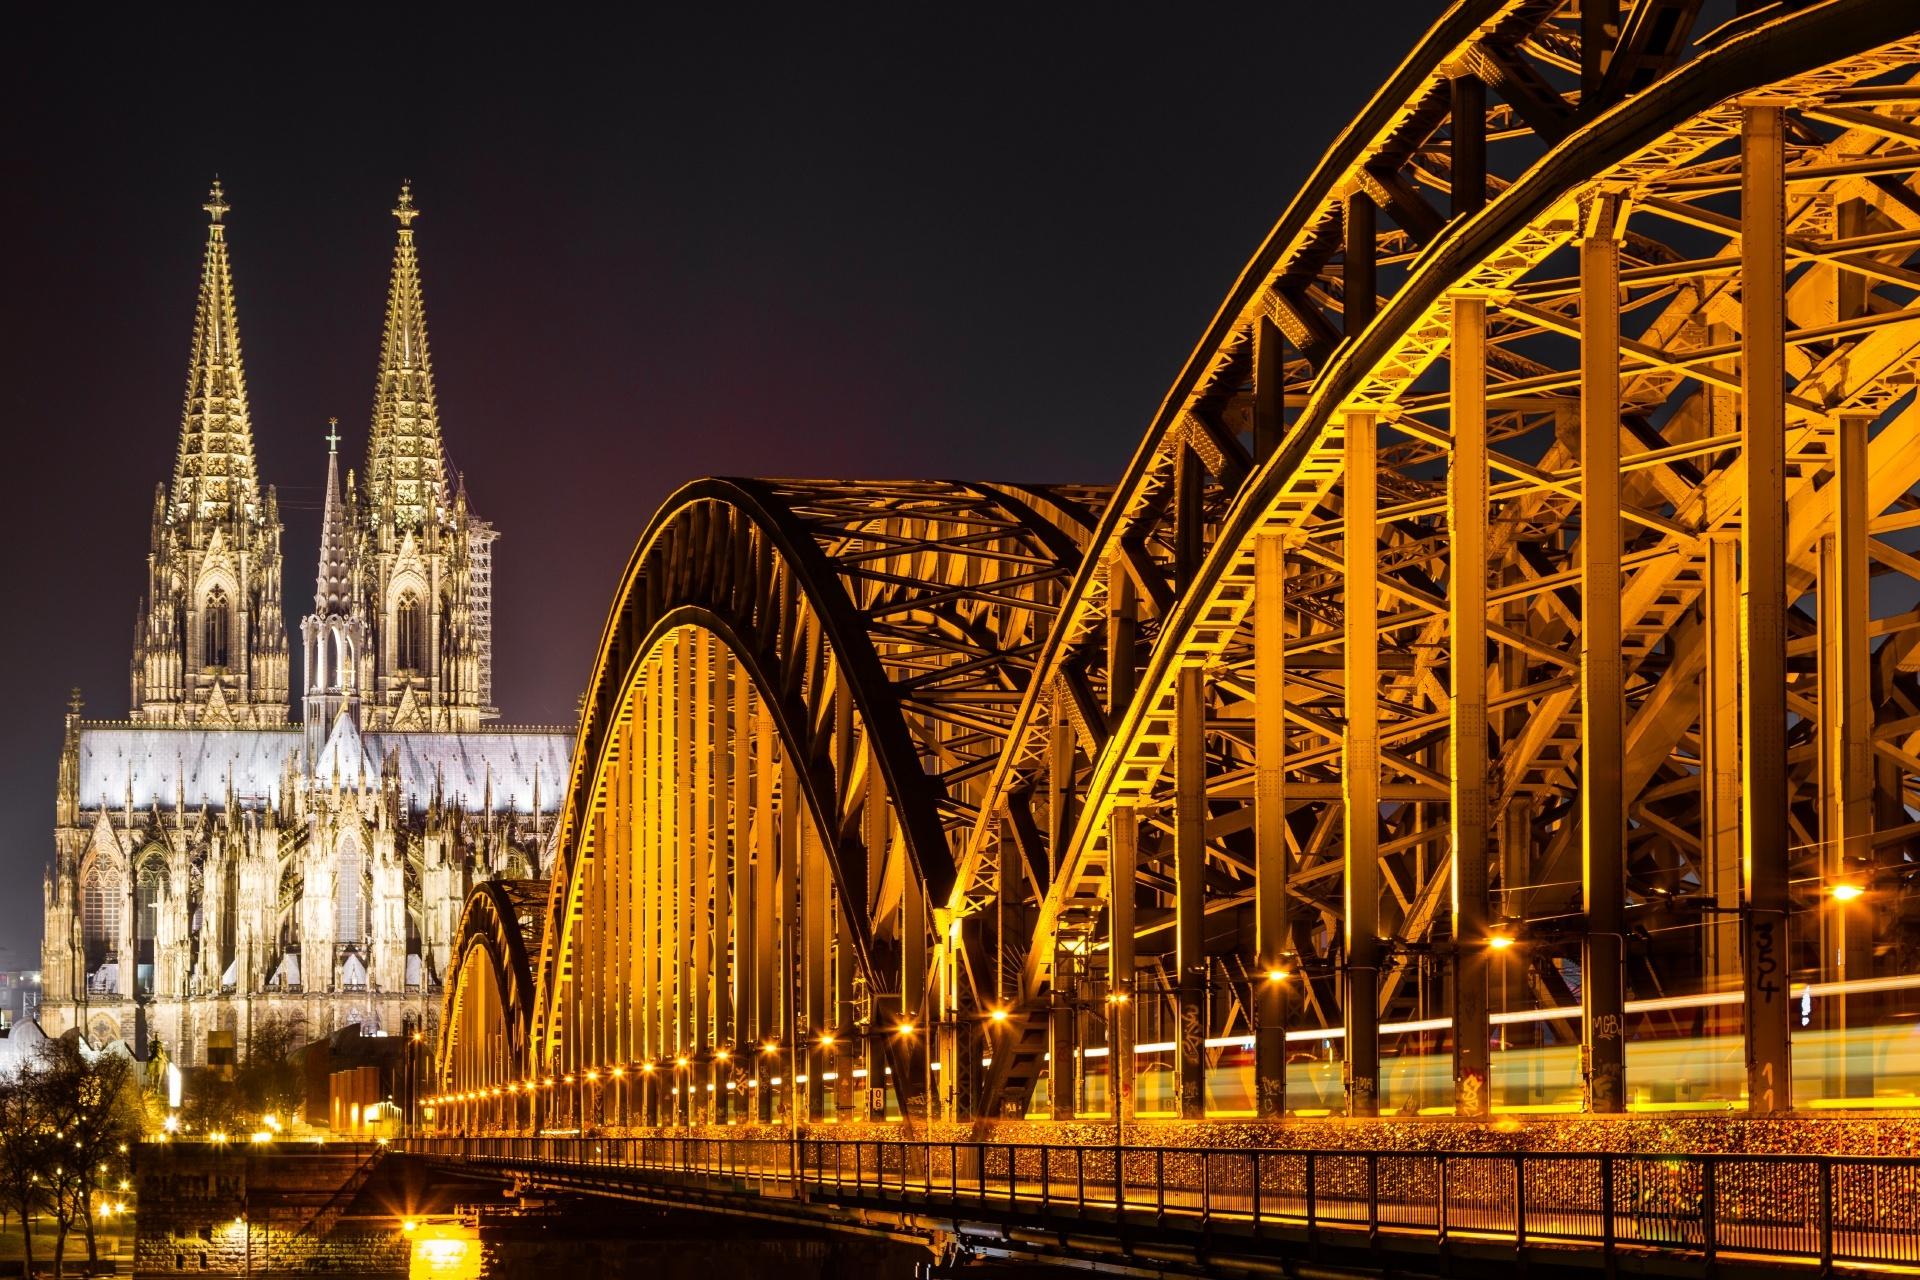 ケルン大聖堂と夜のホーエンツォレルン橋 ドイツの風景